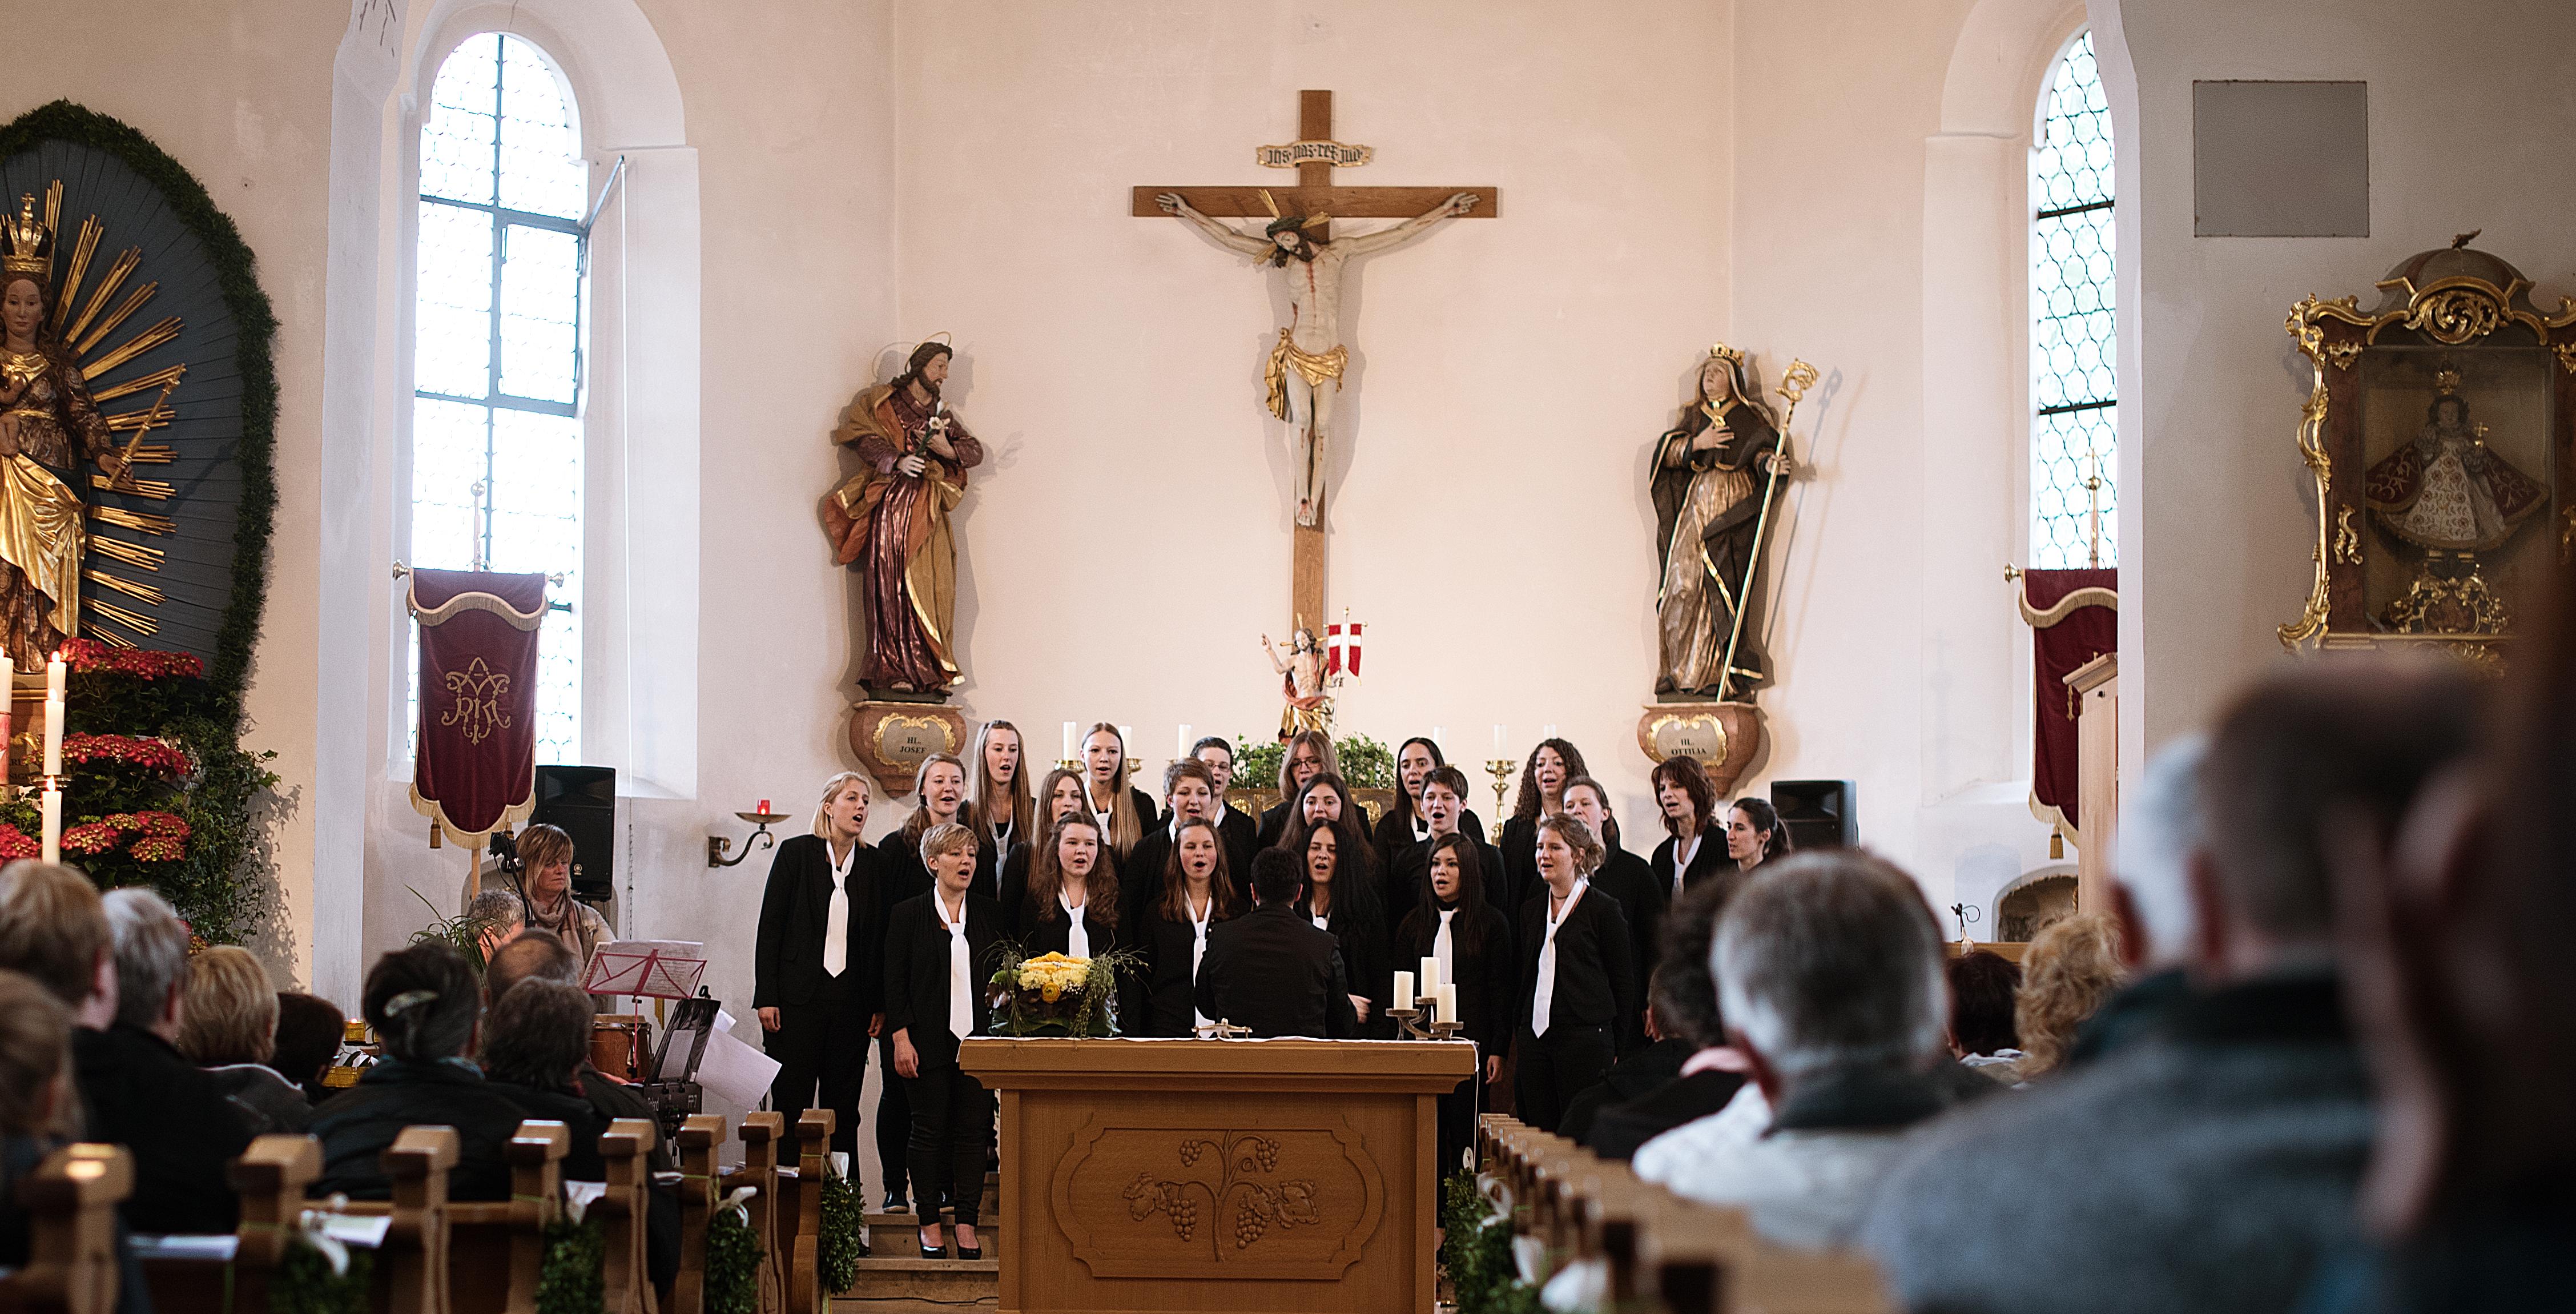 Le Crescentis aus Eberhardzell begeistern beim Kirchenkonzert